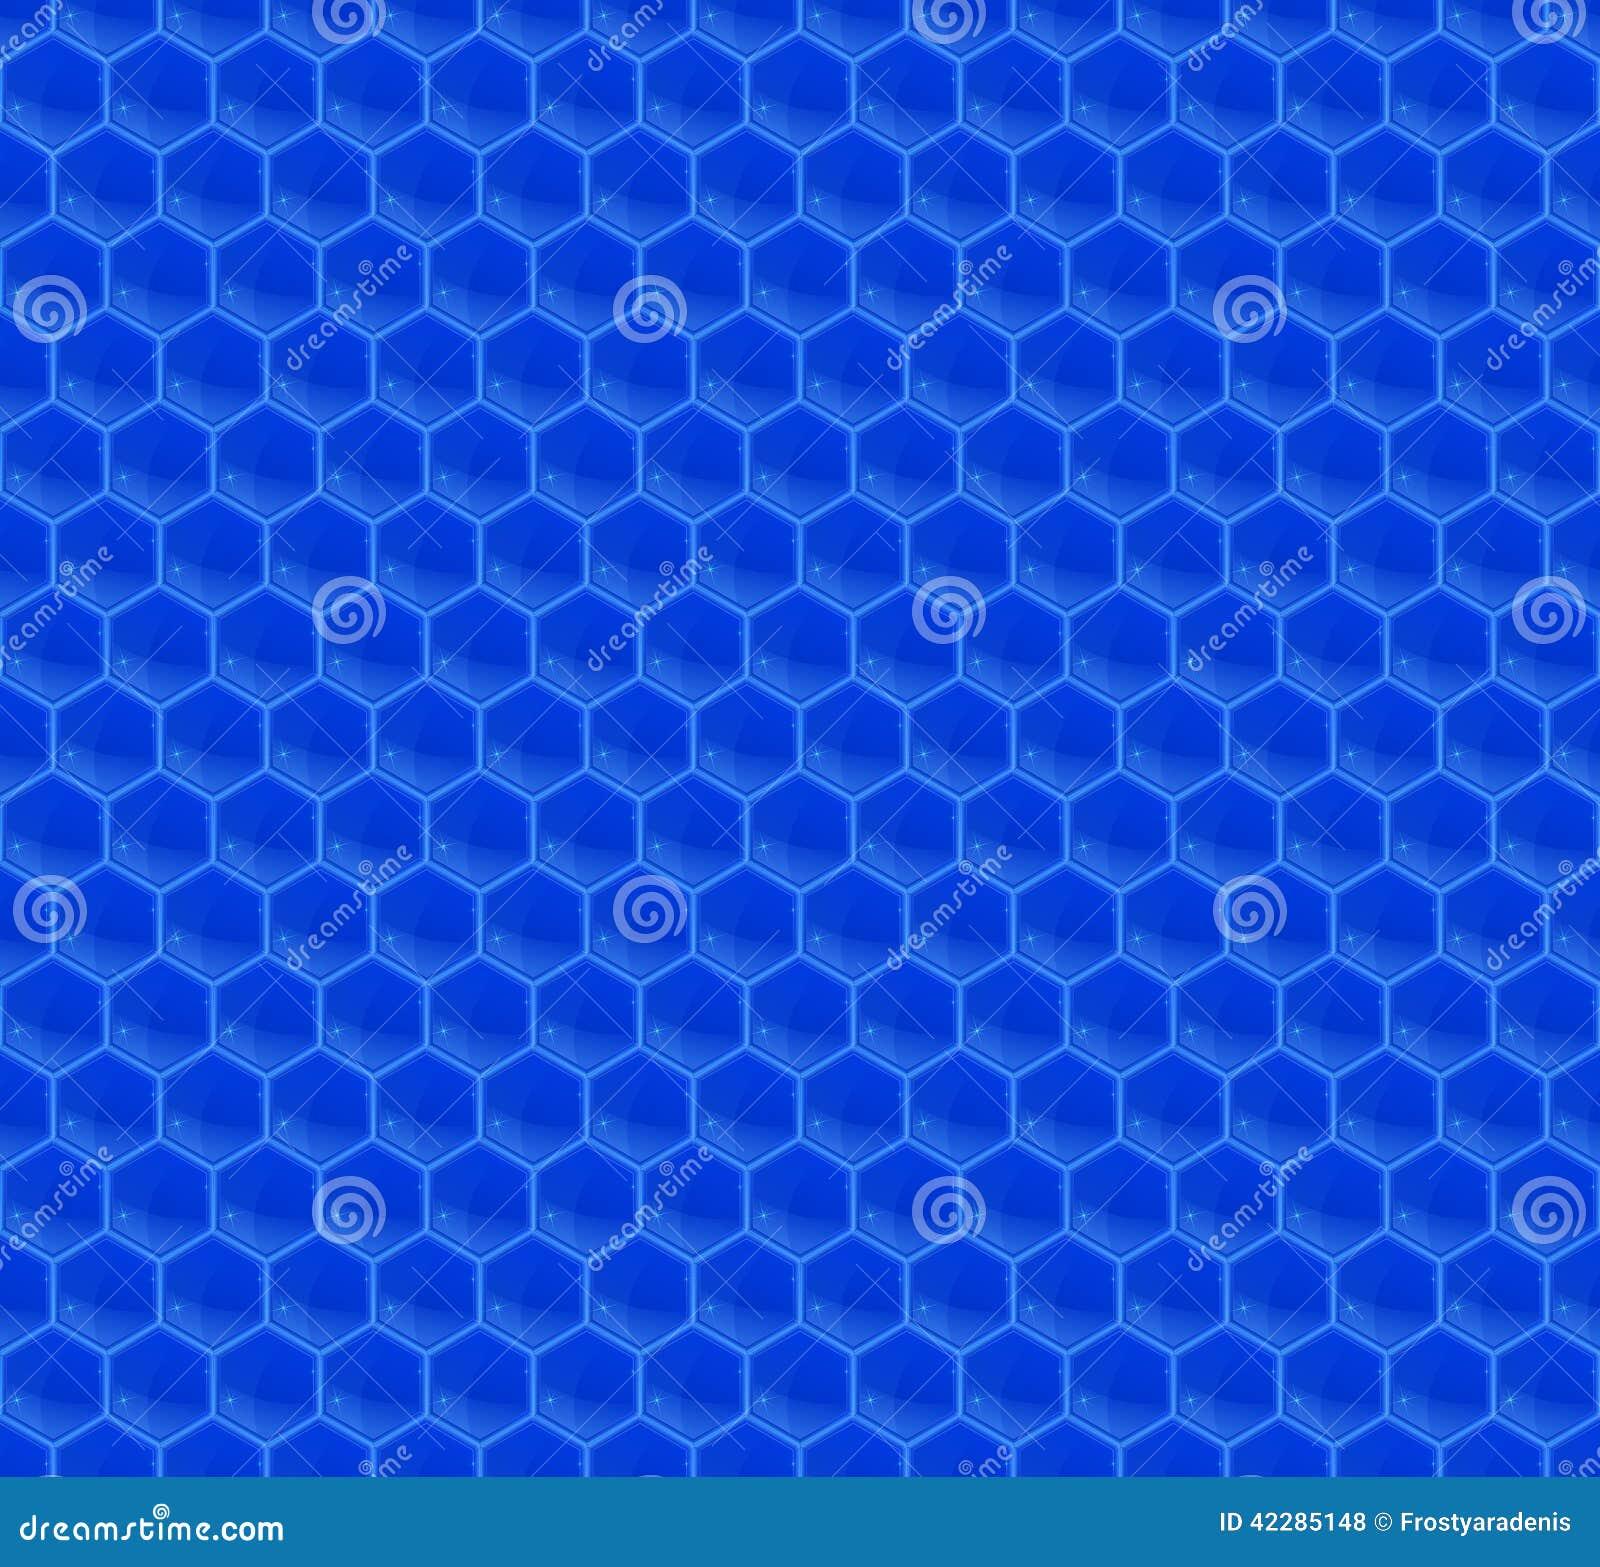 blue hexagonal pattern vector - photo #24